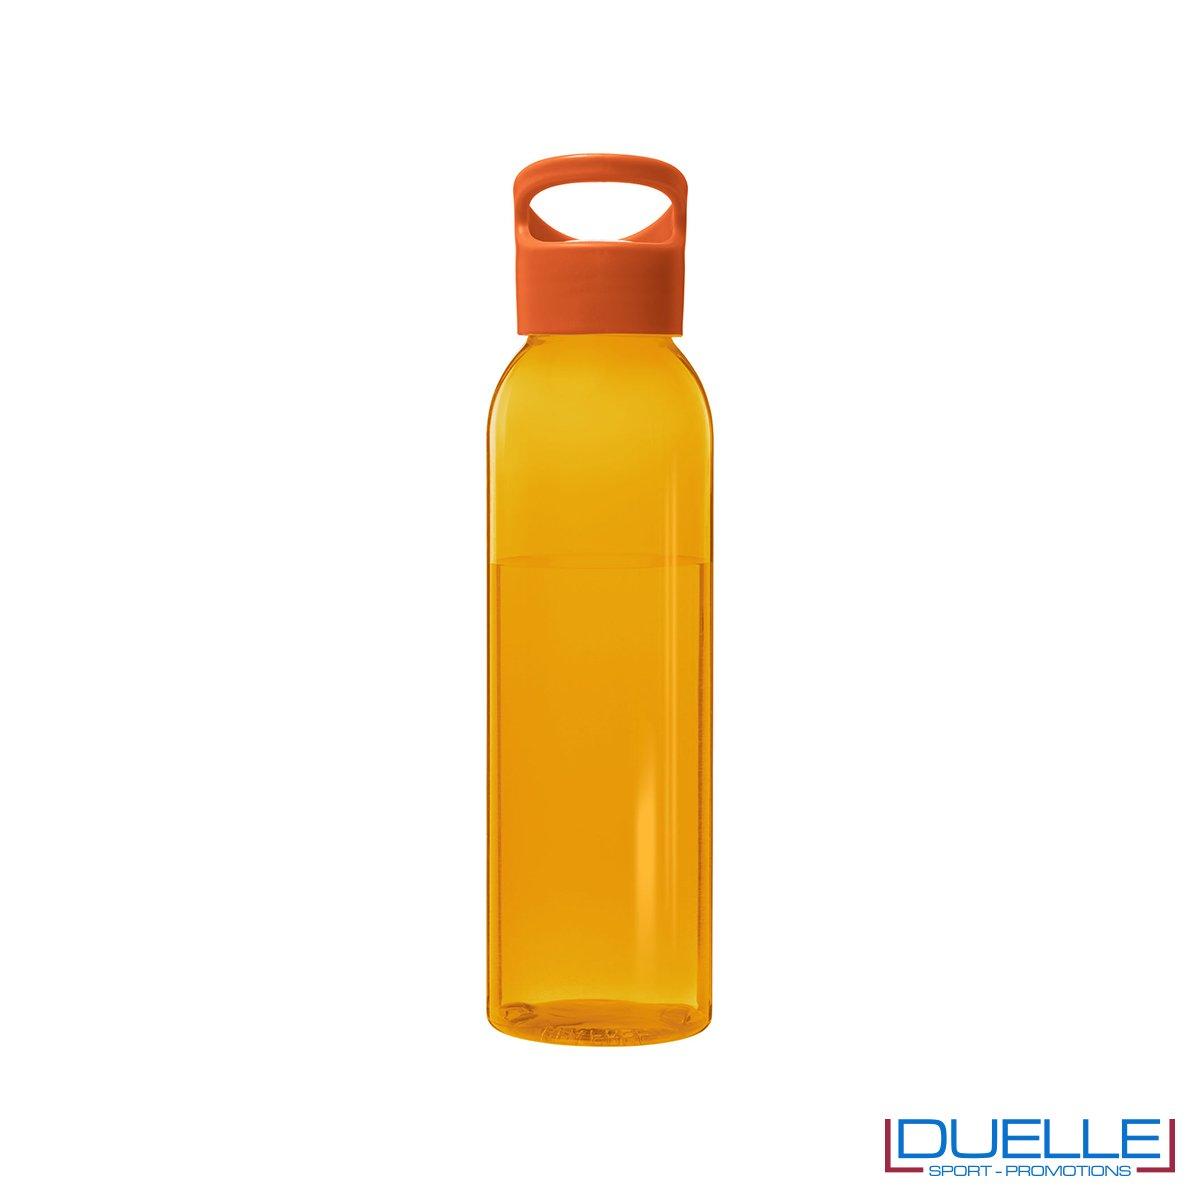 Borraccia in plastica personalizzata con tappo a vite colore arancione, capacità 650ml